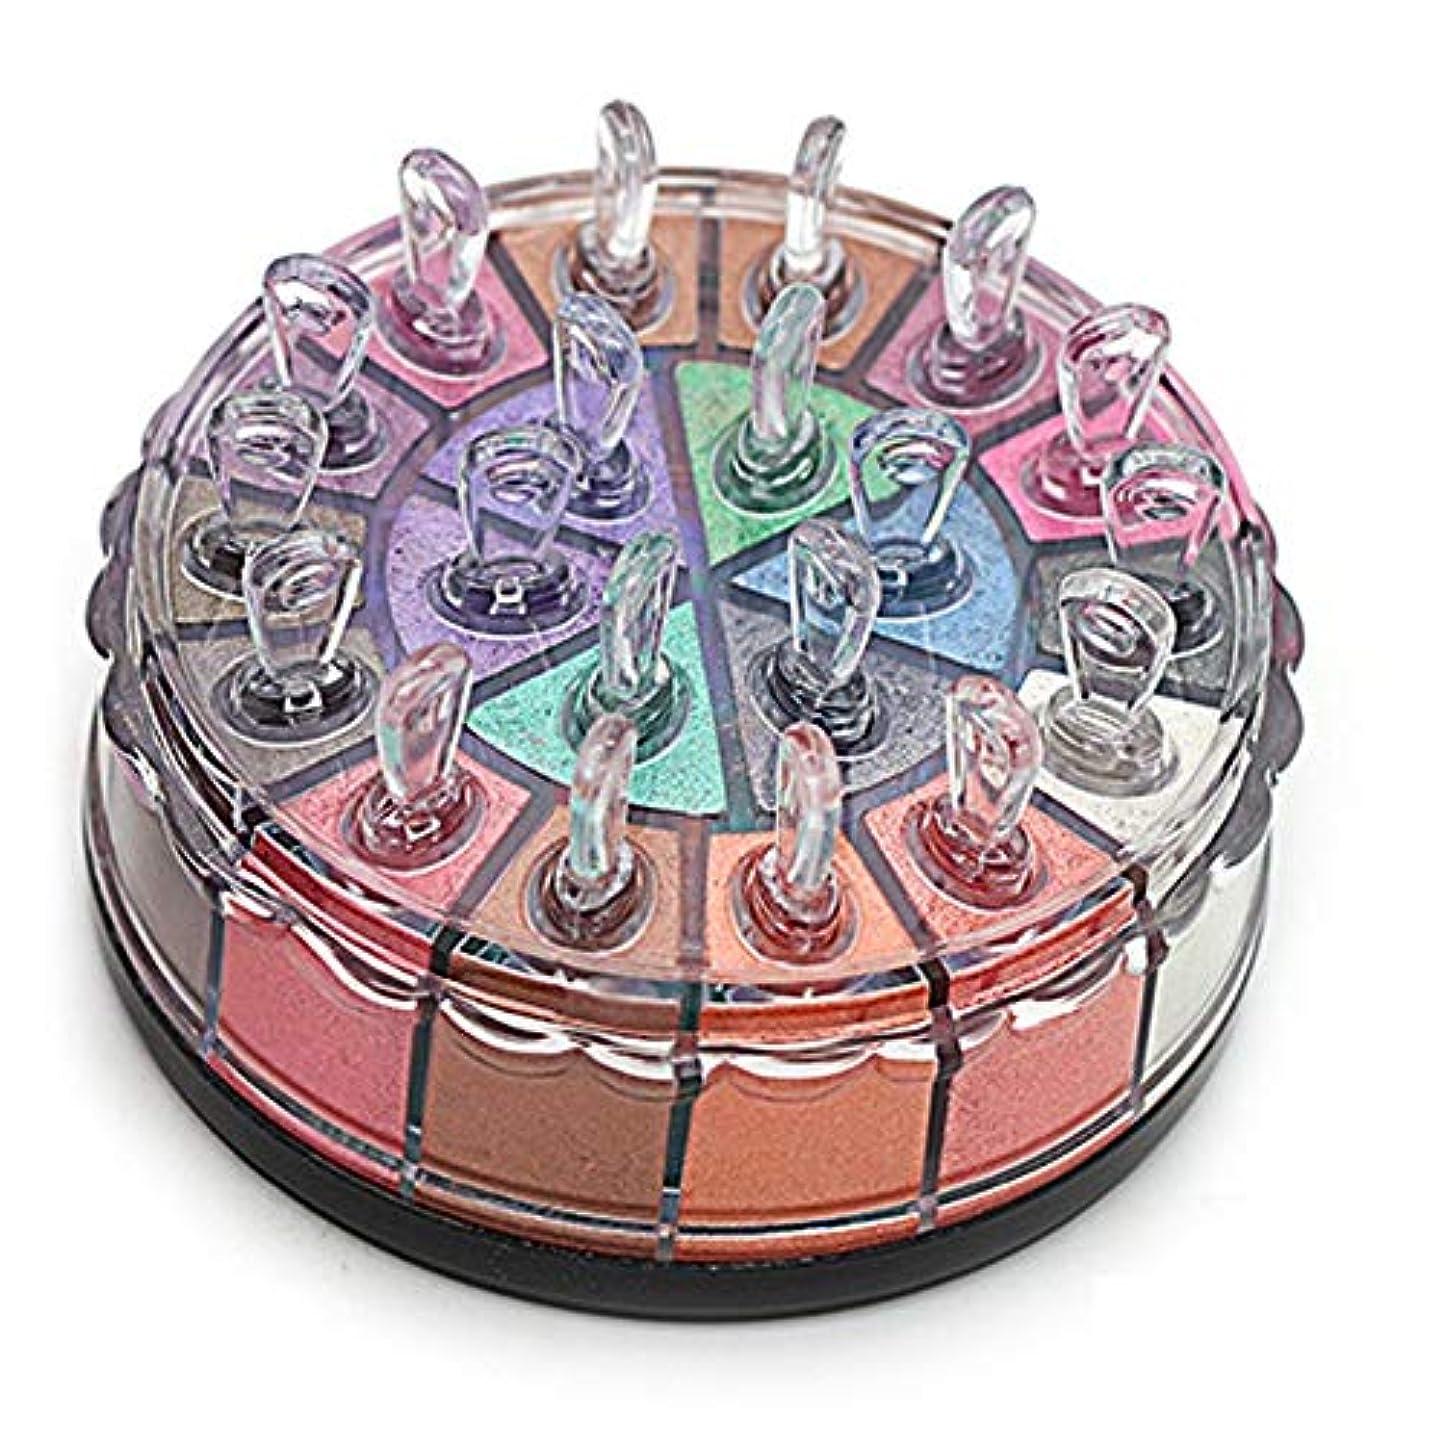 ジョセフバンクス愛情深い神話Akane アイシャドウパレット INS 人気 ファッション 超便利 キラキラ 欧米風 綺麗 可愛い 高級 つや消し マット Eye Shadow (20色)